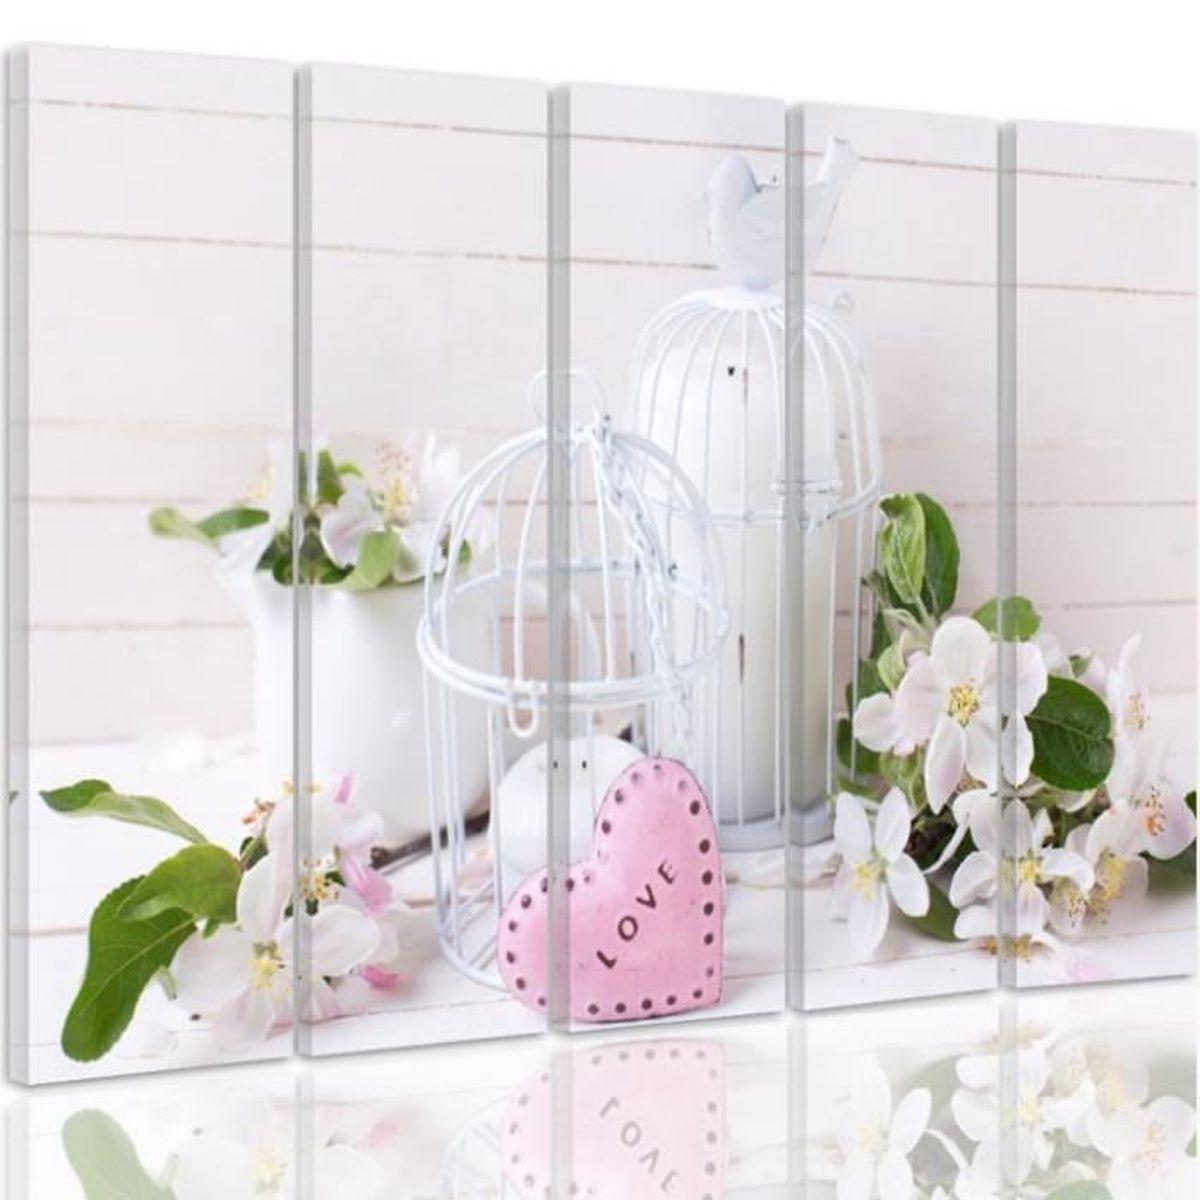 decoration st valentin - achat / vente pas cher